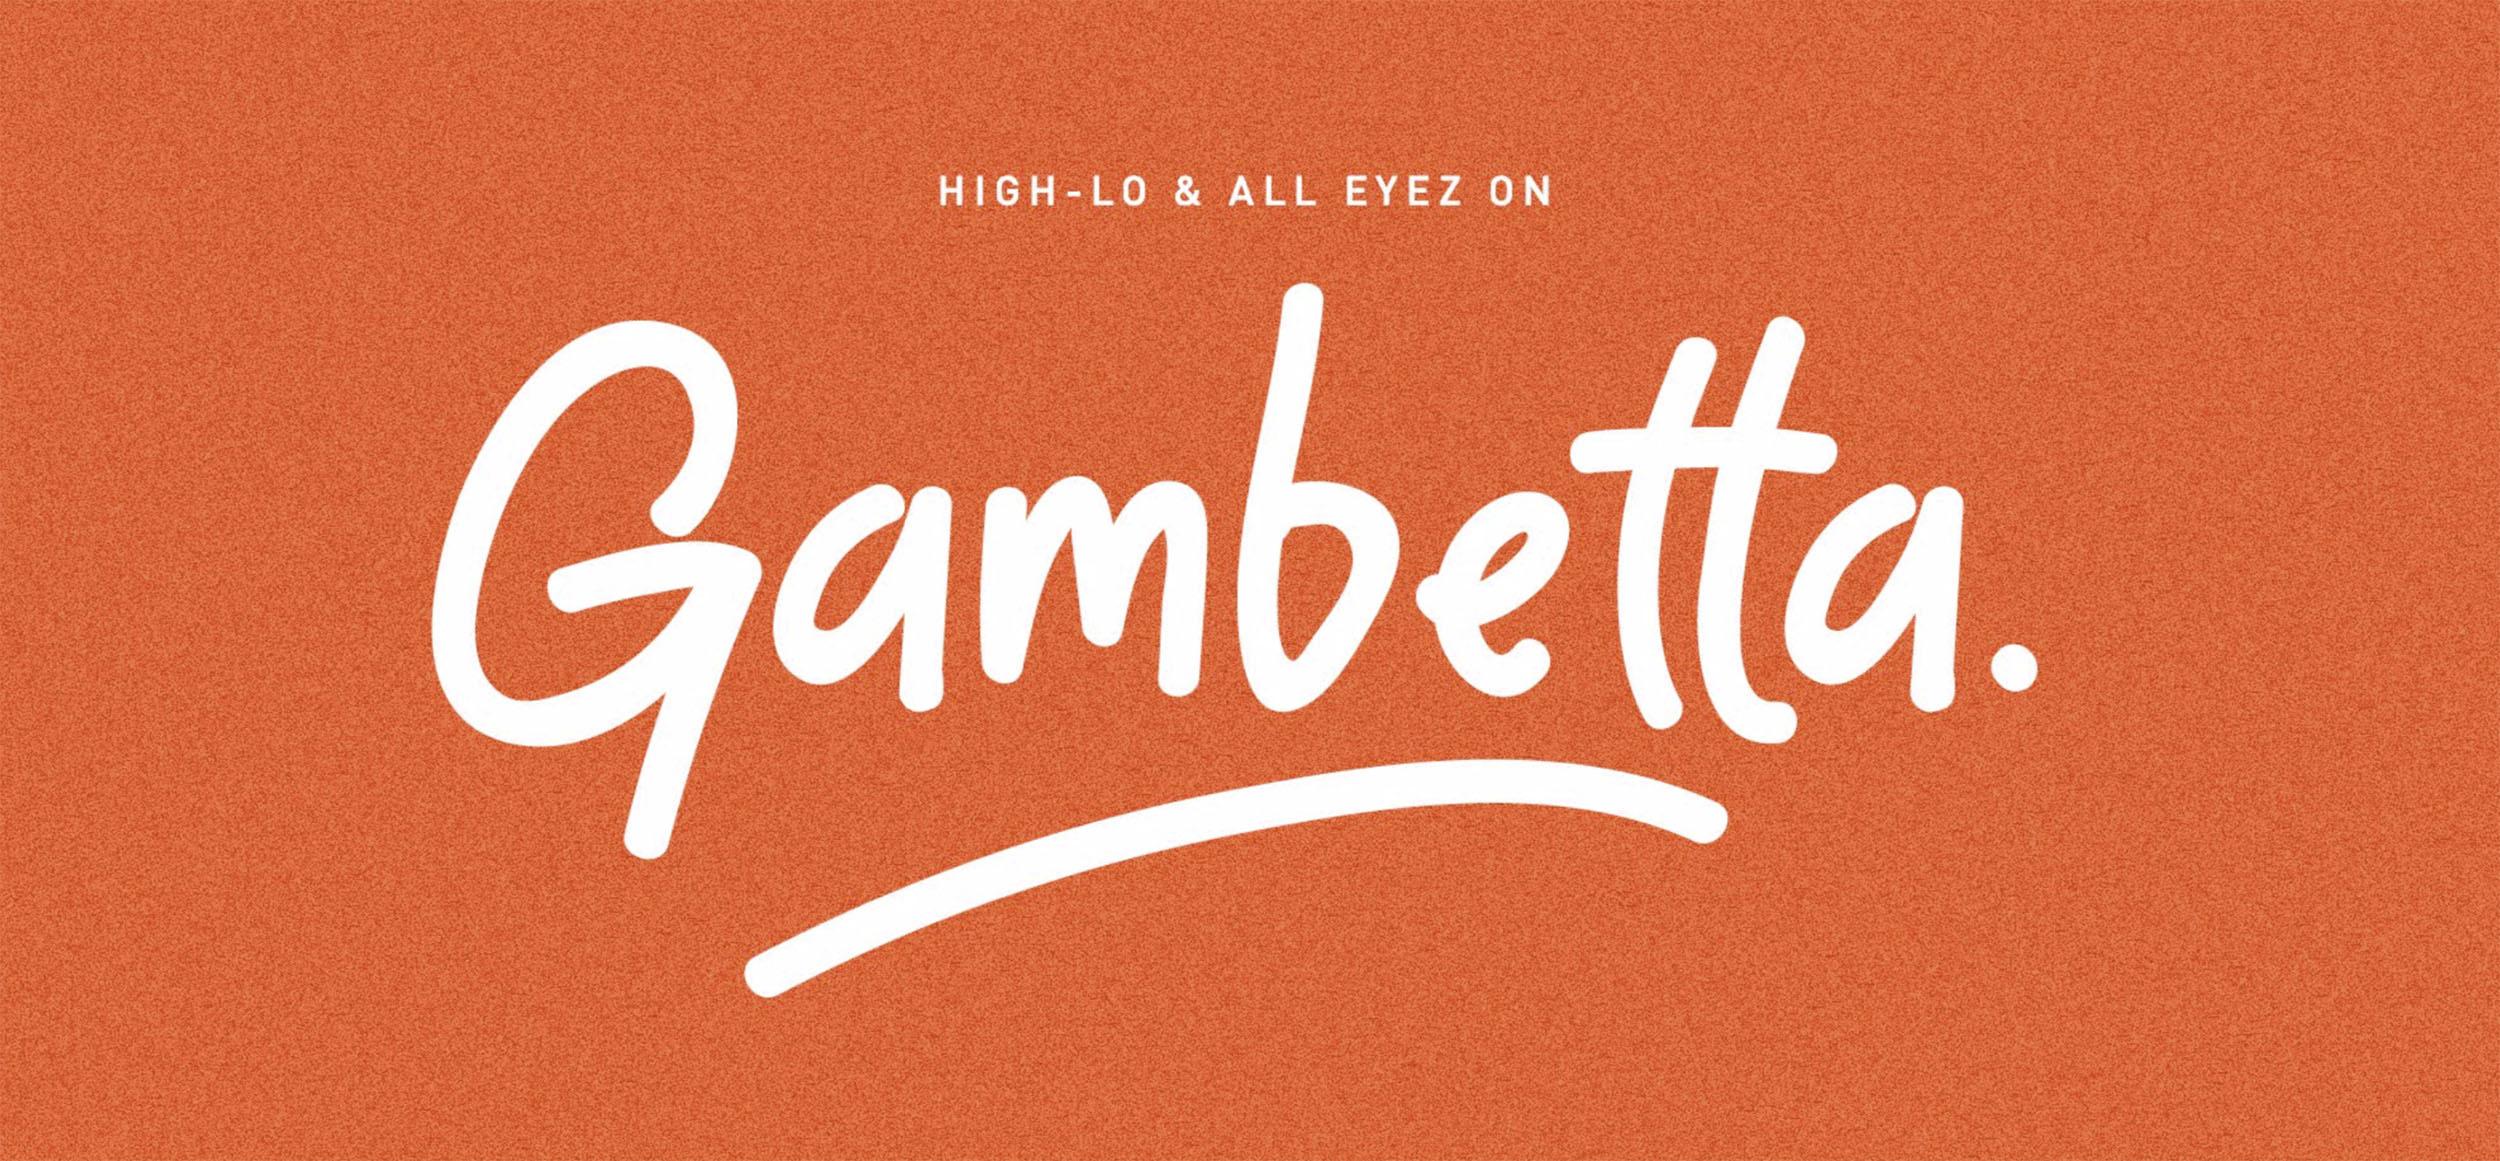 Gambetta-High-lo-All-Eyez